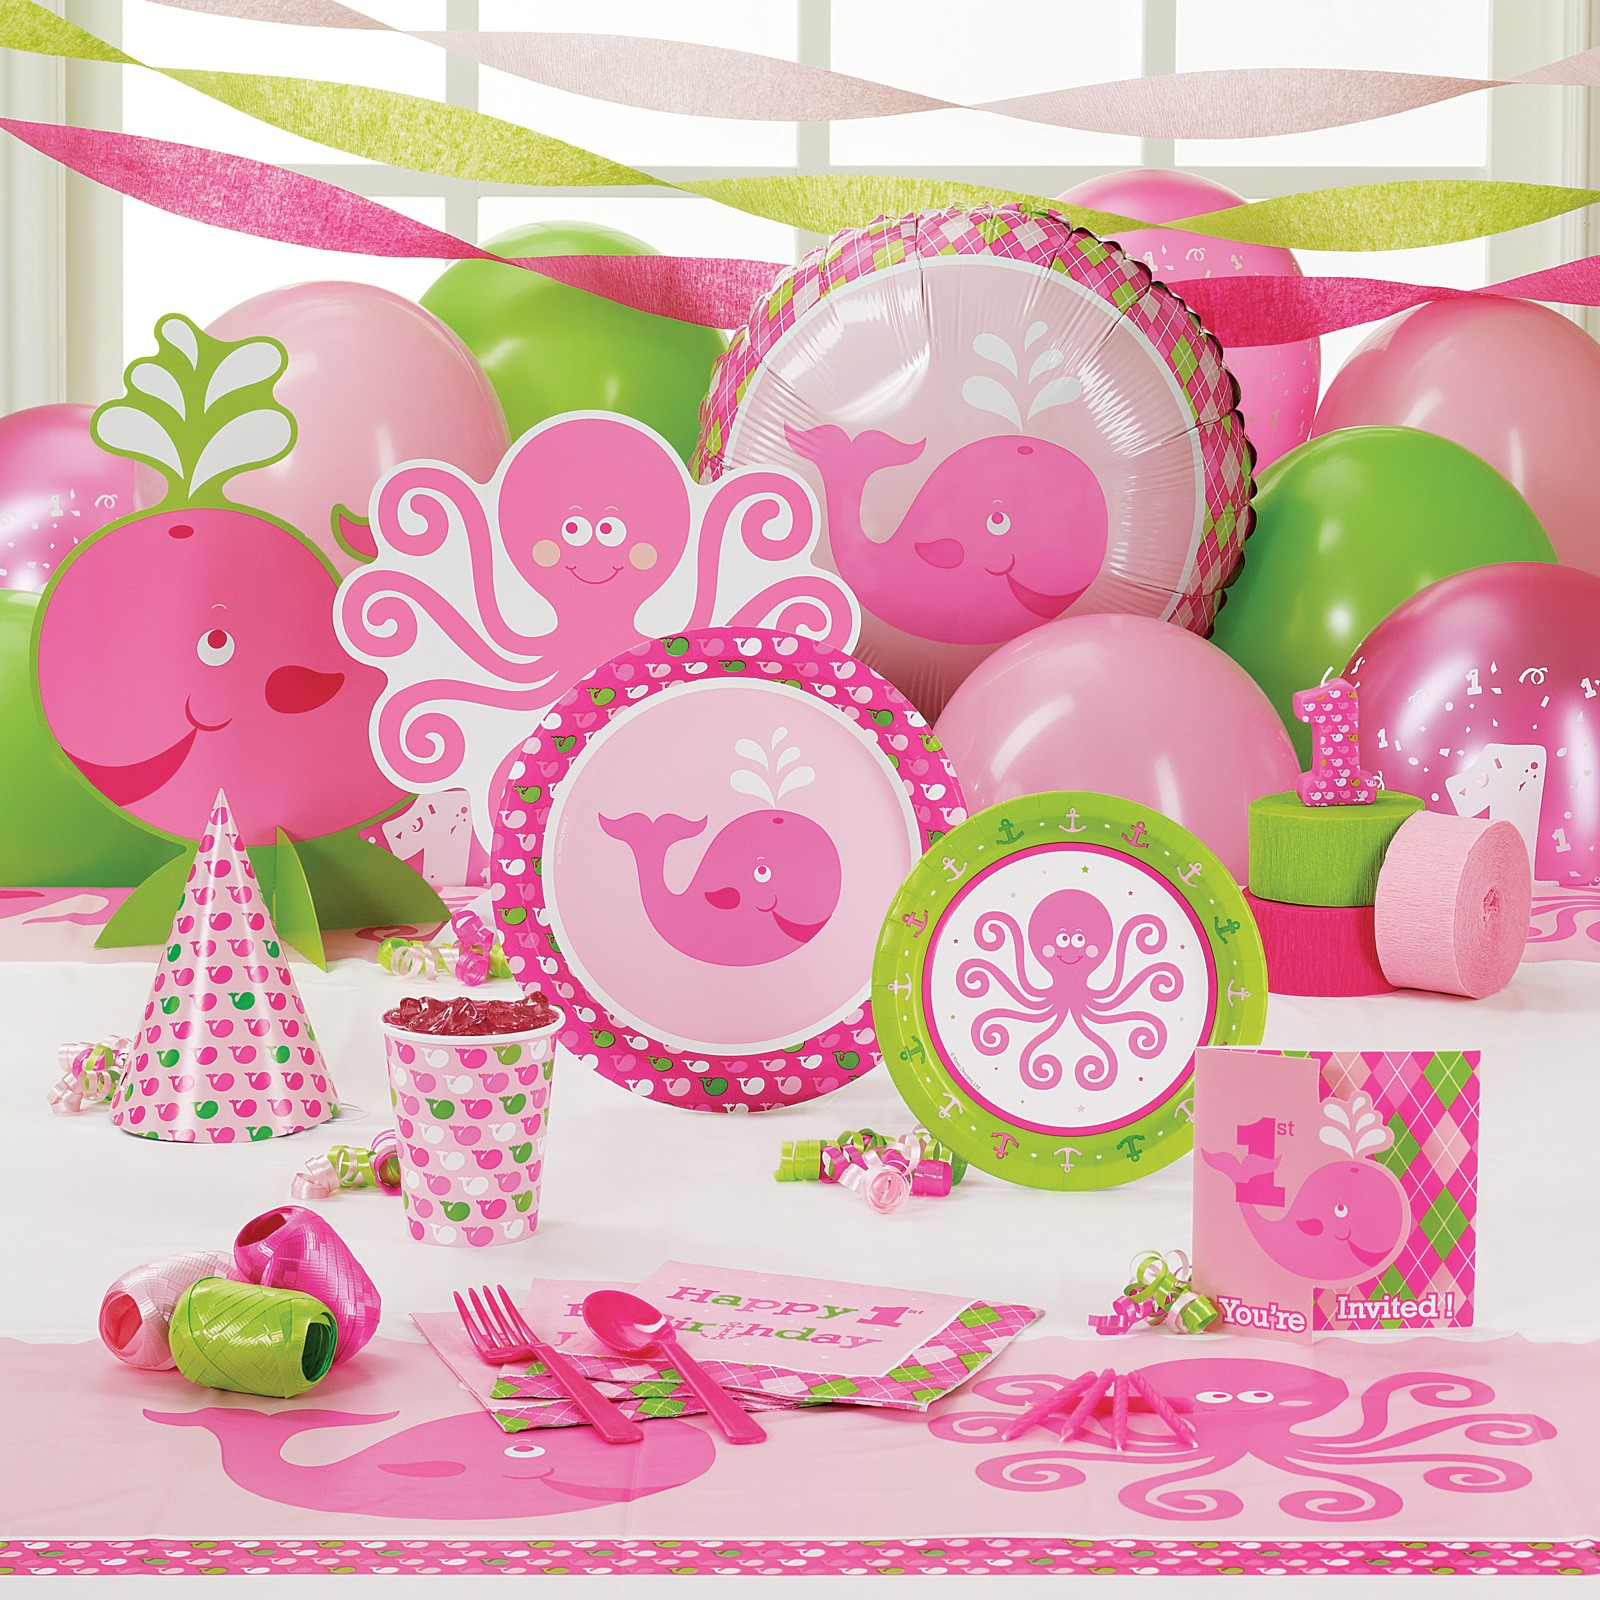 Girl's First Birthday